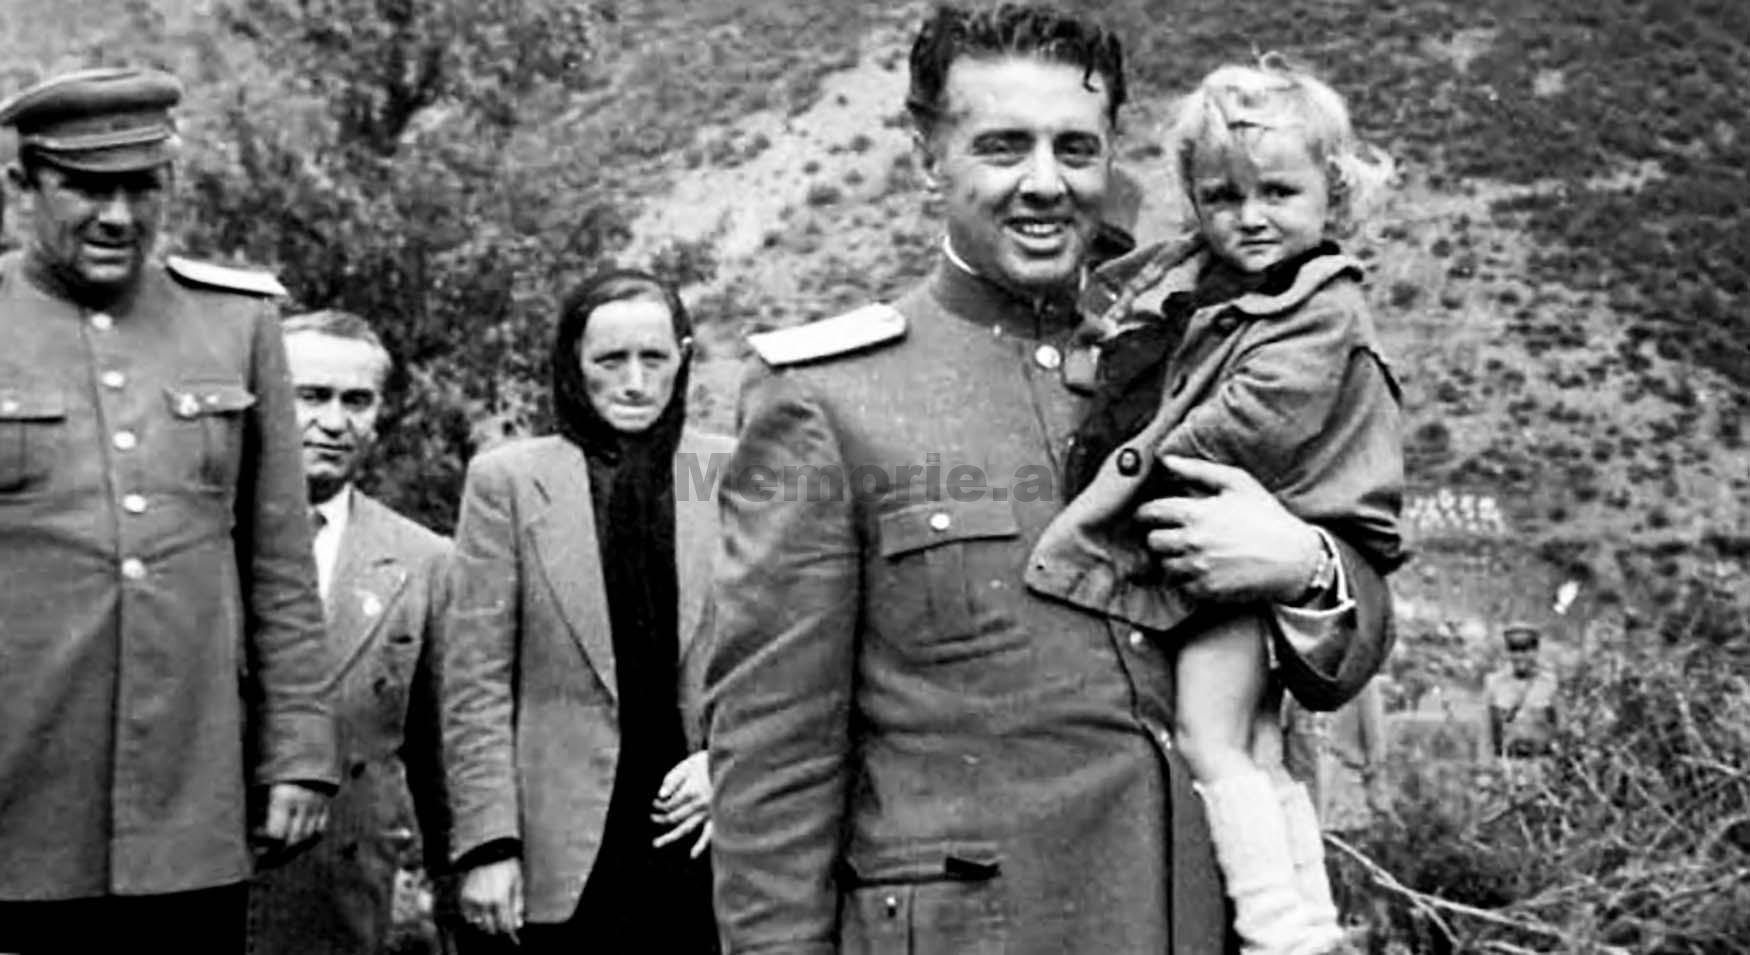 Enver-Hoxha-Beqir-Balluku-dhe-Medar-Shtylla-se-bashku-me-prinderit-e-Bardhok-Bibes-pak-pas-vrasjes-se-tij-ne-Mirdite.-1949.bmp